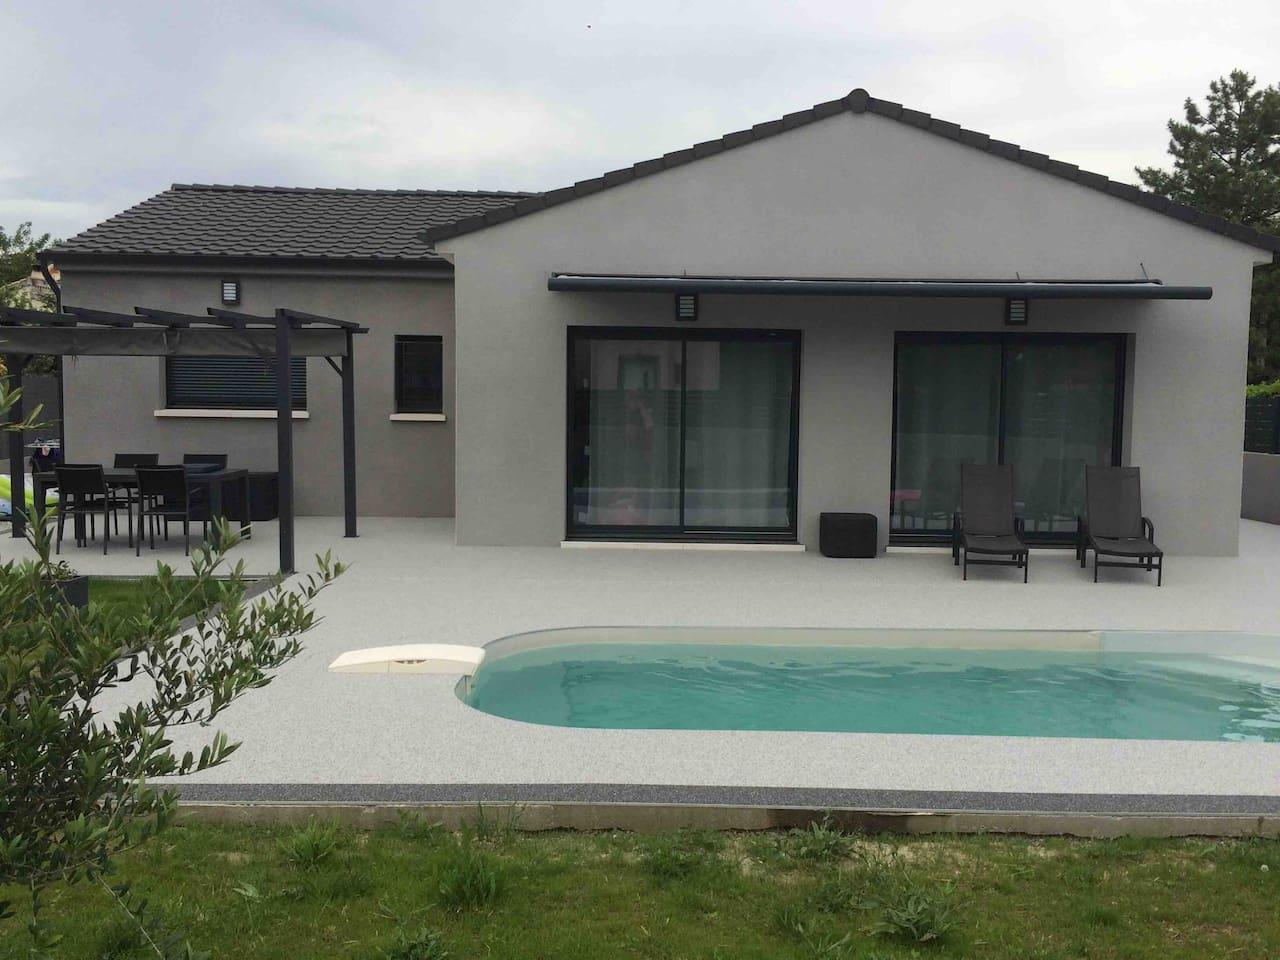 Maison contemporaine de 109m2 avec un terrasse  et une plage de piscine de plus de 70m2